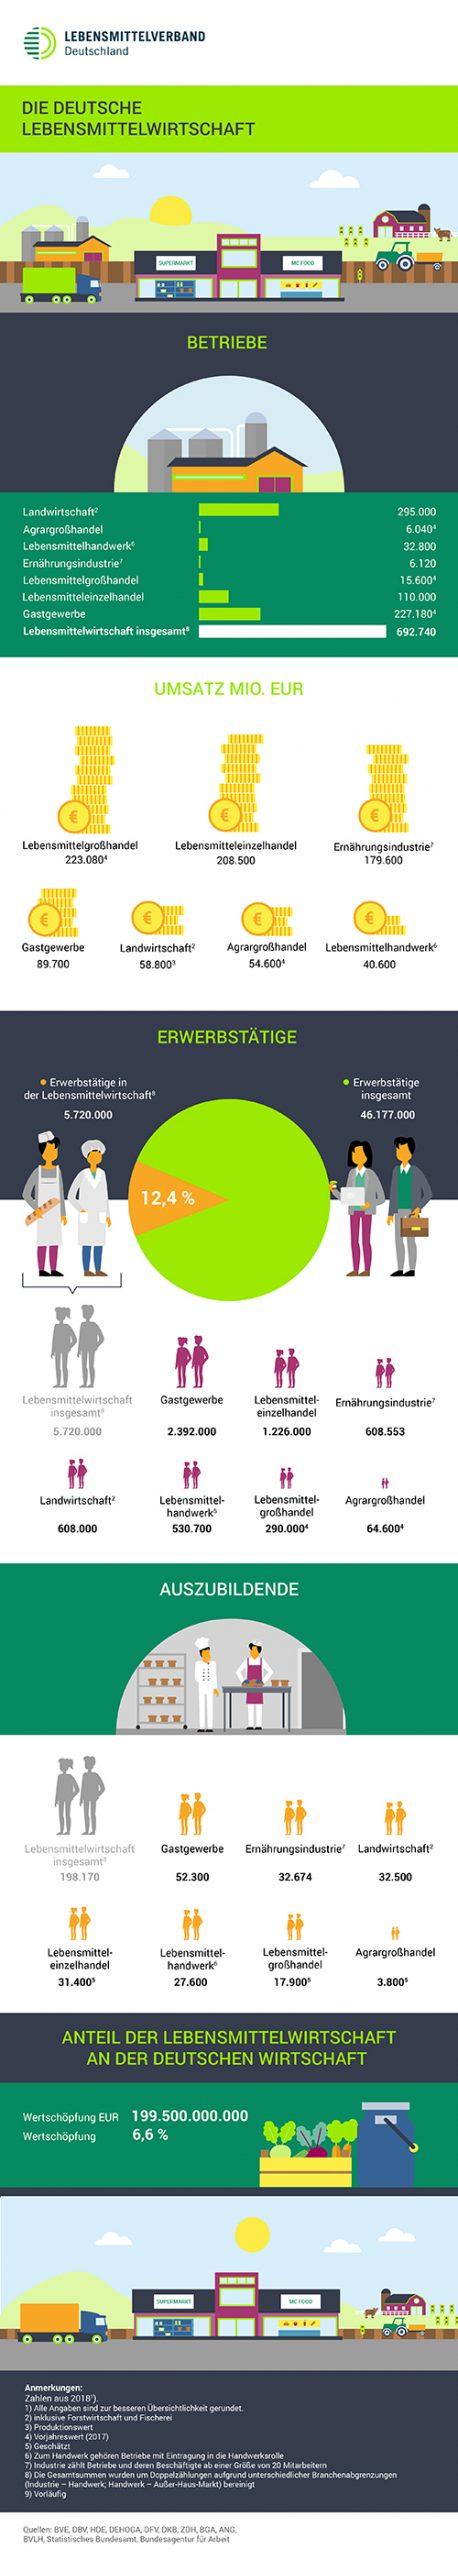 Infografik: Die Lebensmittelwirtschaft in Deutschland in Zahlen